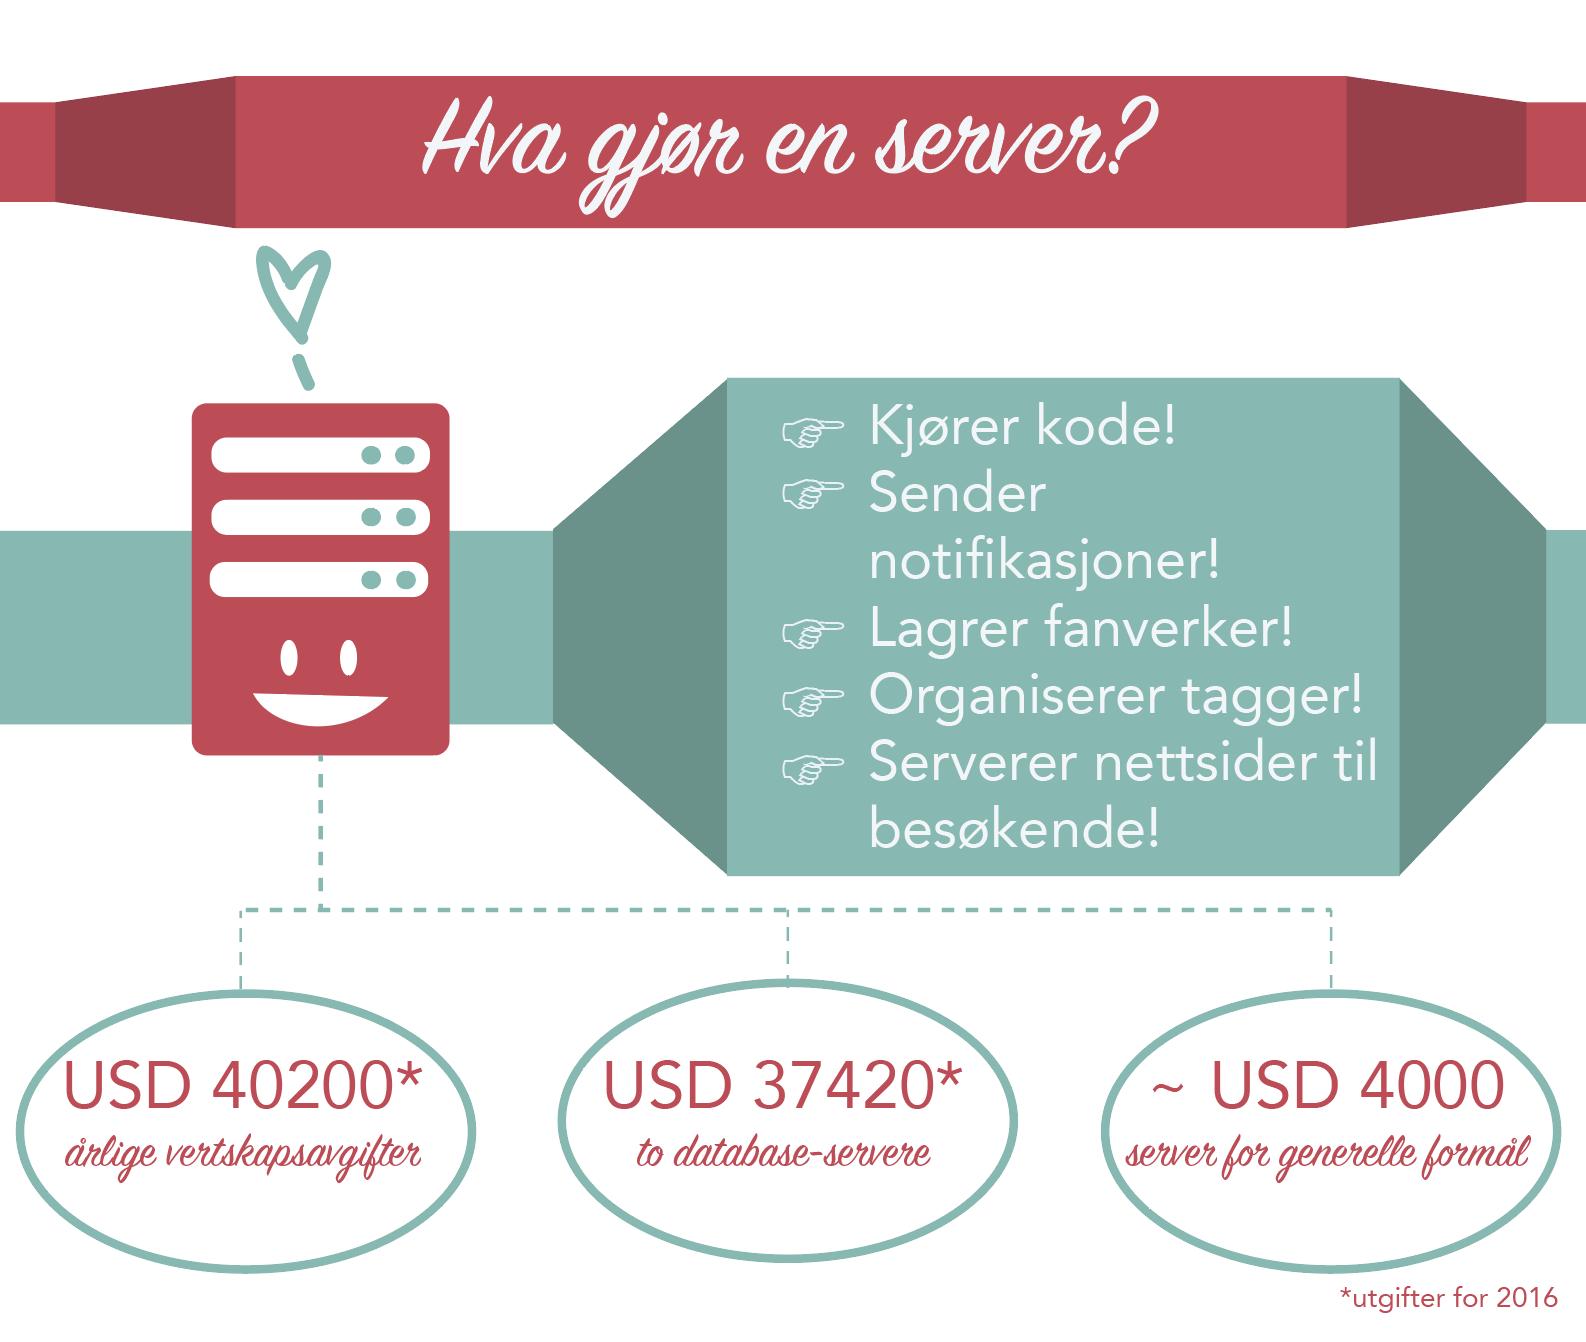 Våre servere kjører koder, sender notifikasjoner, organiserer tagger og serverer nettsider til besøkende. vanlig serverkostnader: USD 40200 i årlige vertskapskostnader, USD 37420 for to database-servere og rundt 4000 for en server for generelle formål - hvorav OTW har brukt tilsvarende de to første hittil i år.